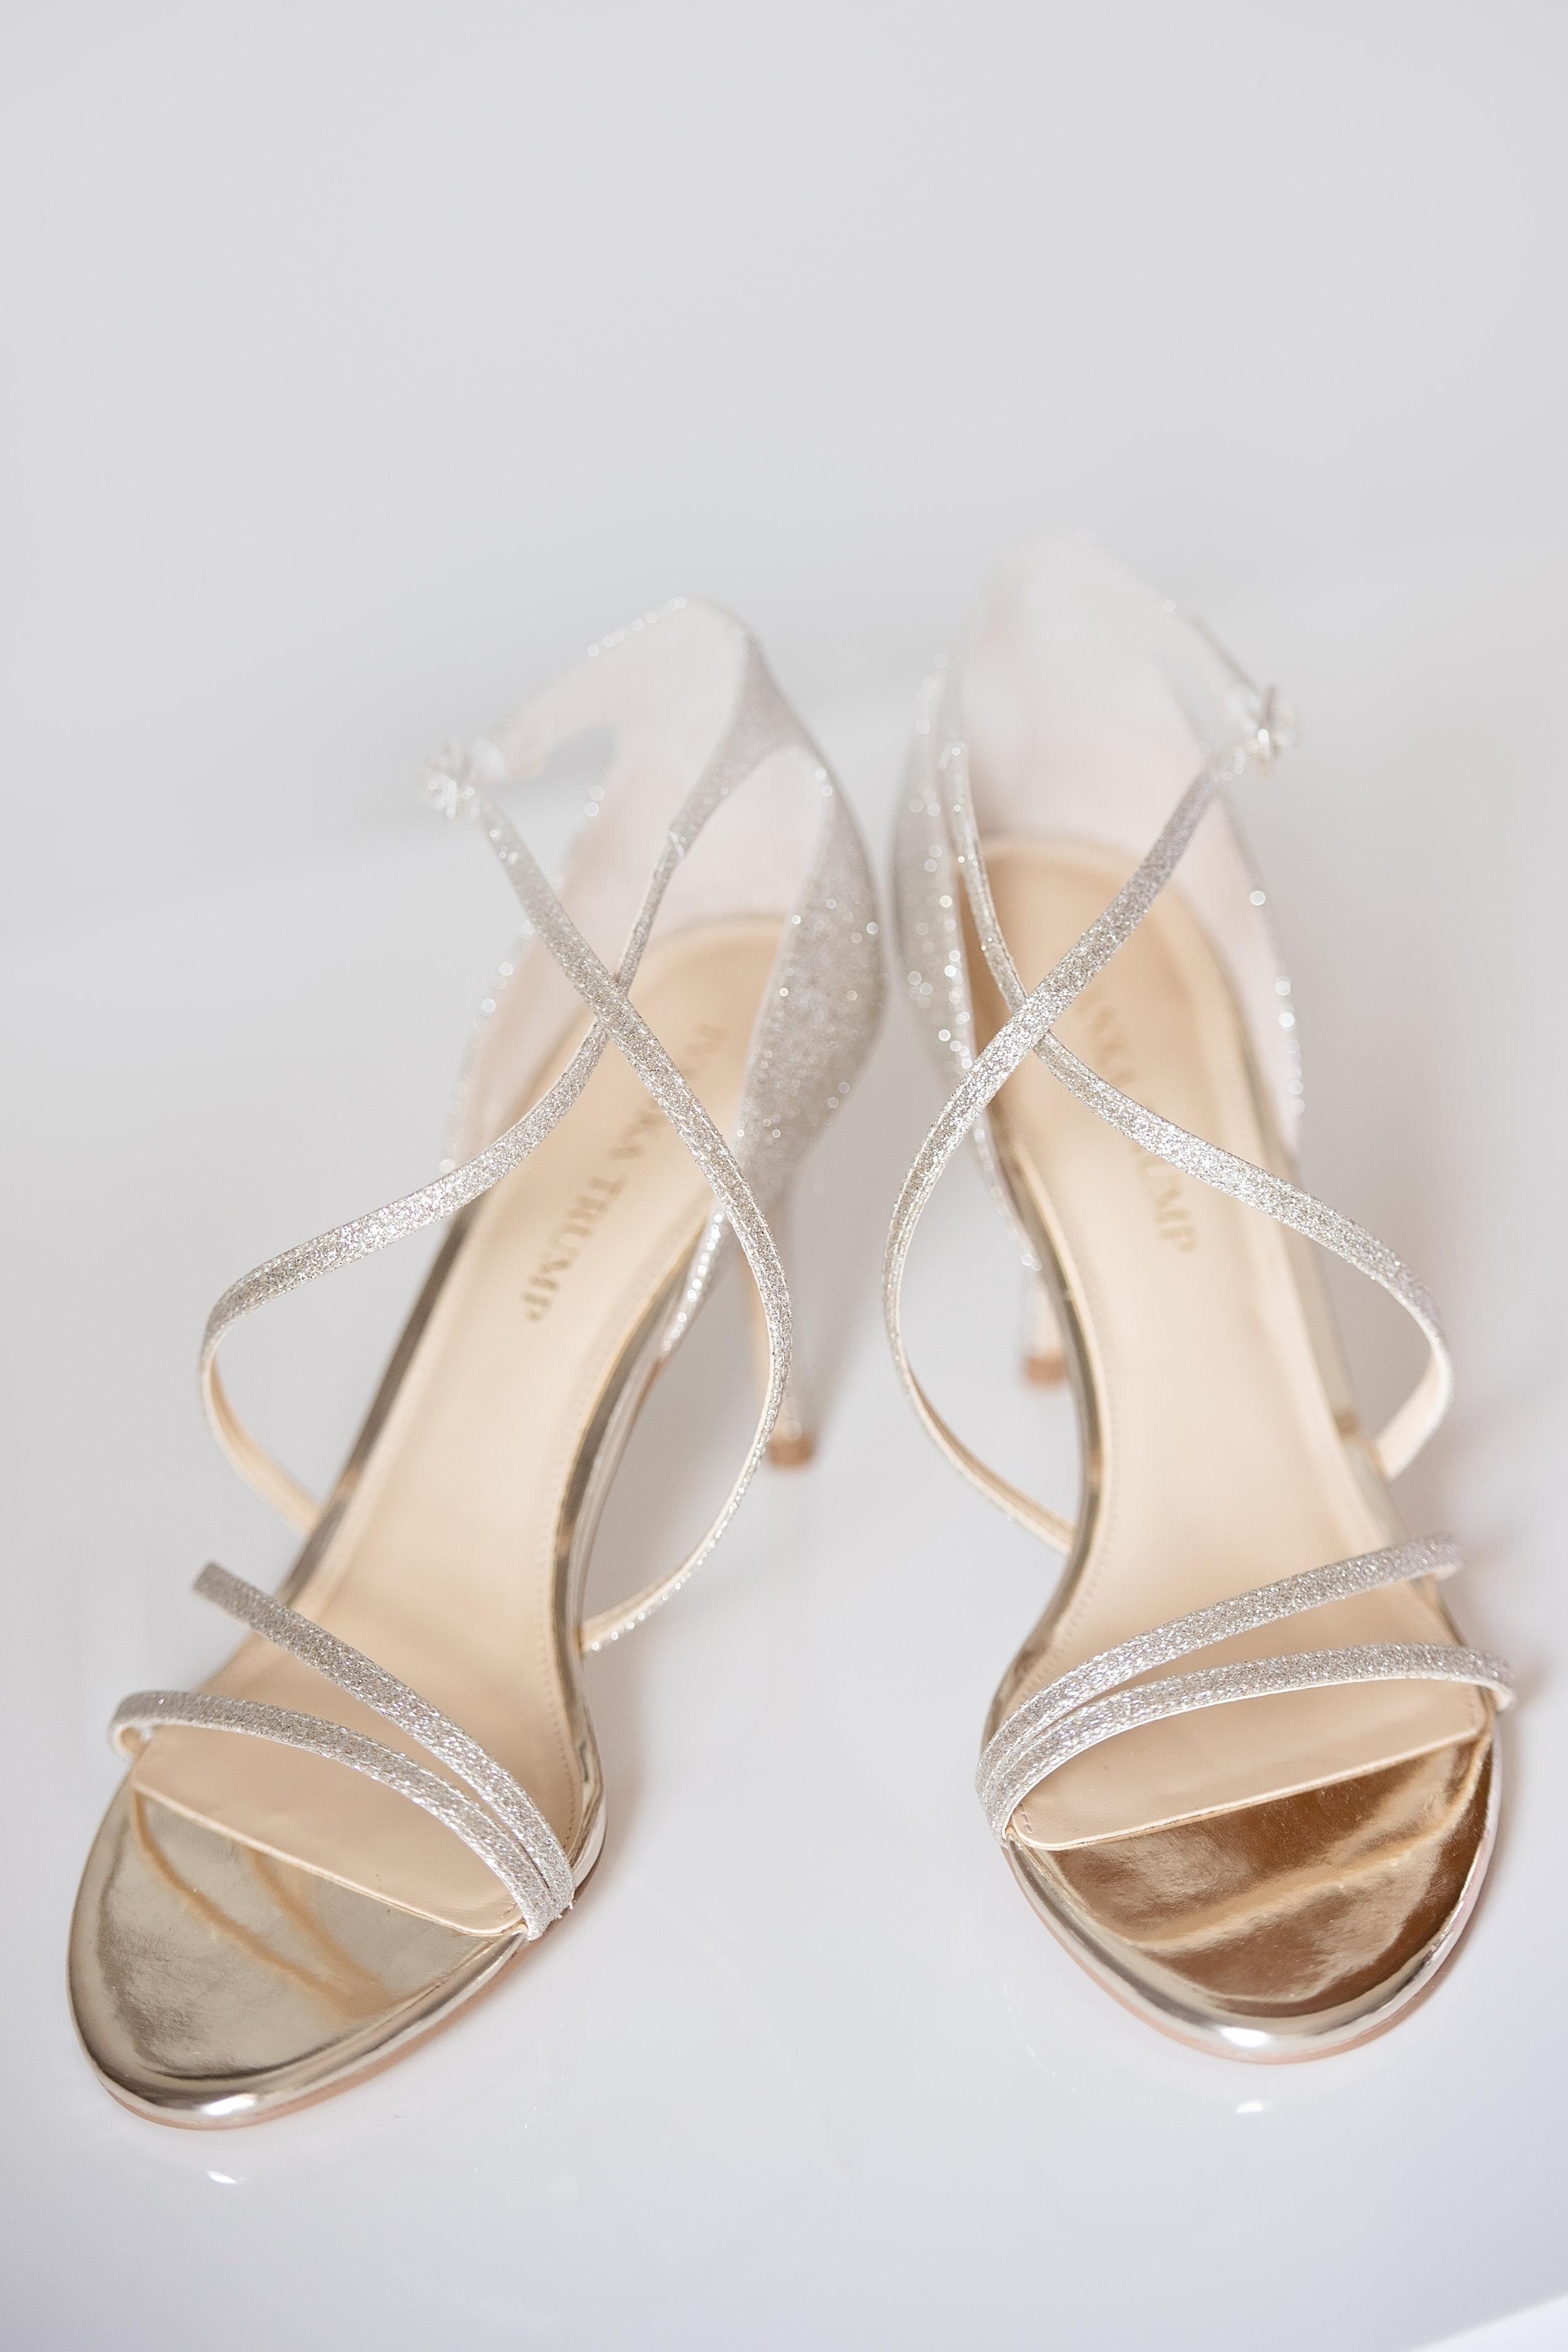 Champagne Strappy Bridal Heels - Blush and White Wedding - Los Feliz Wedding